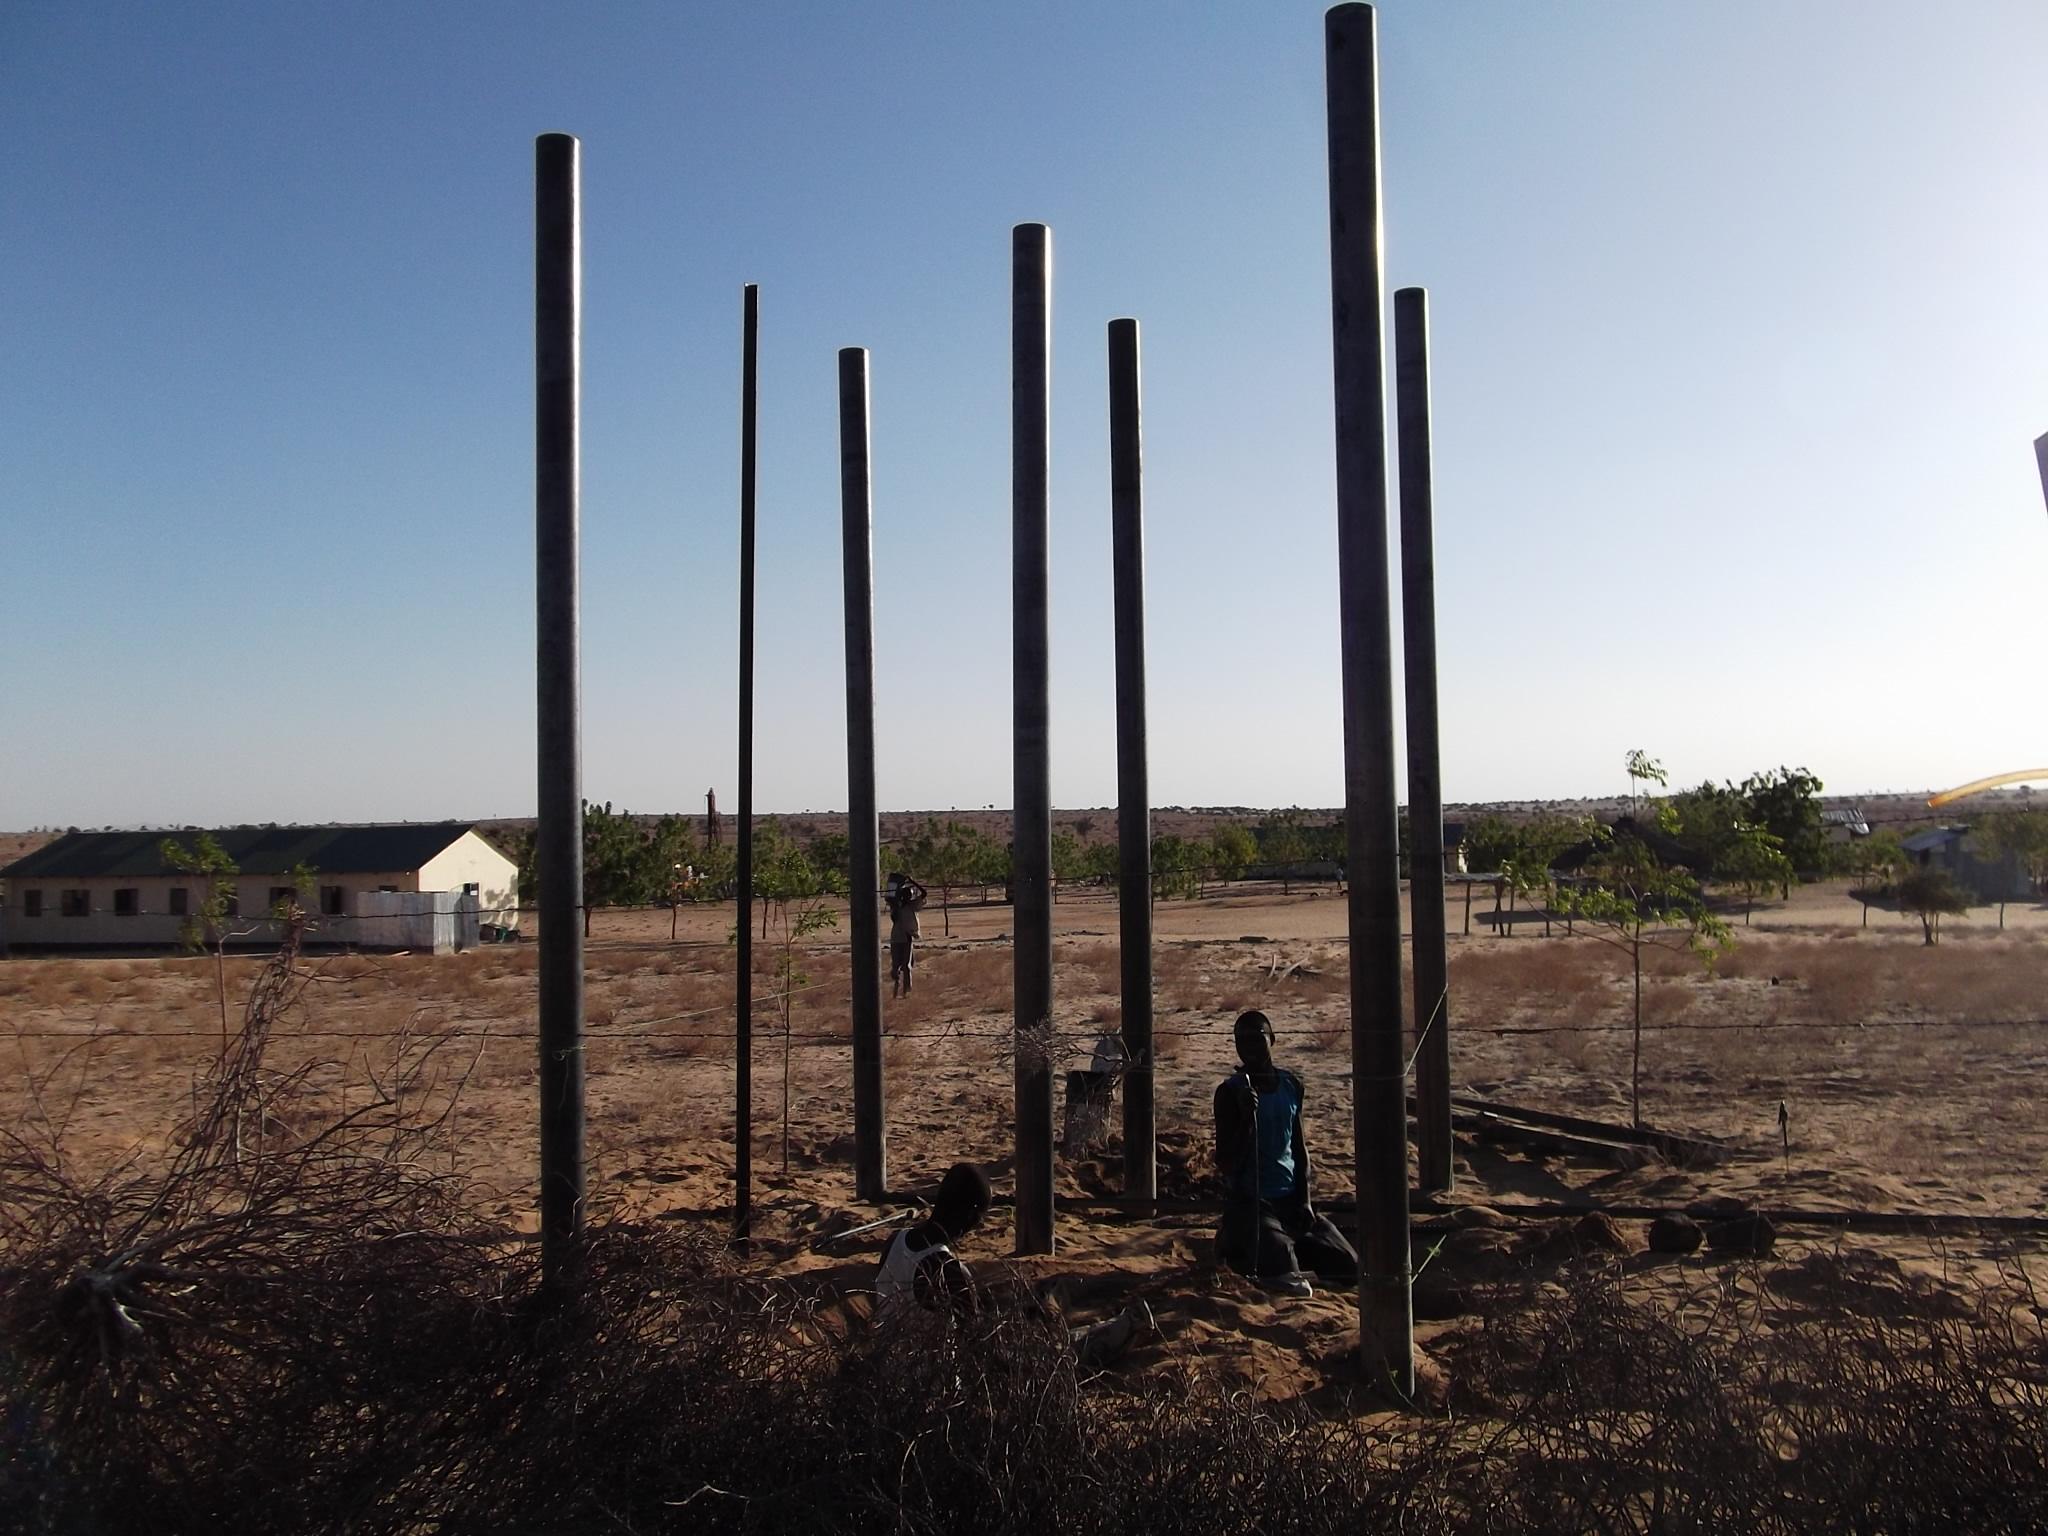 The Water Project : dscf0818